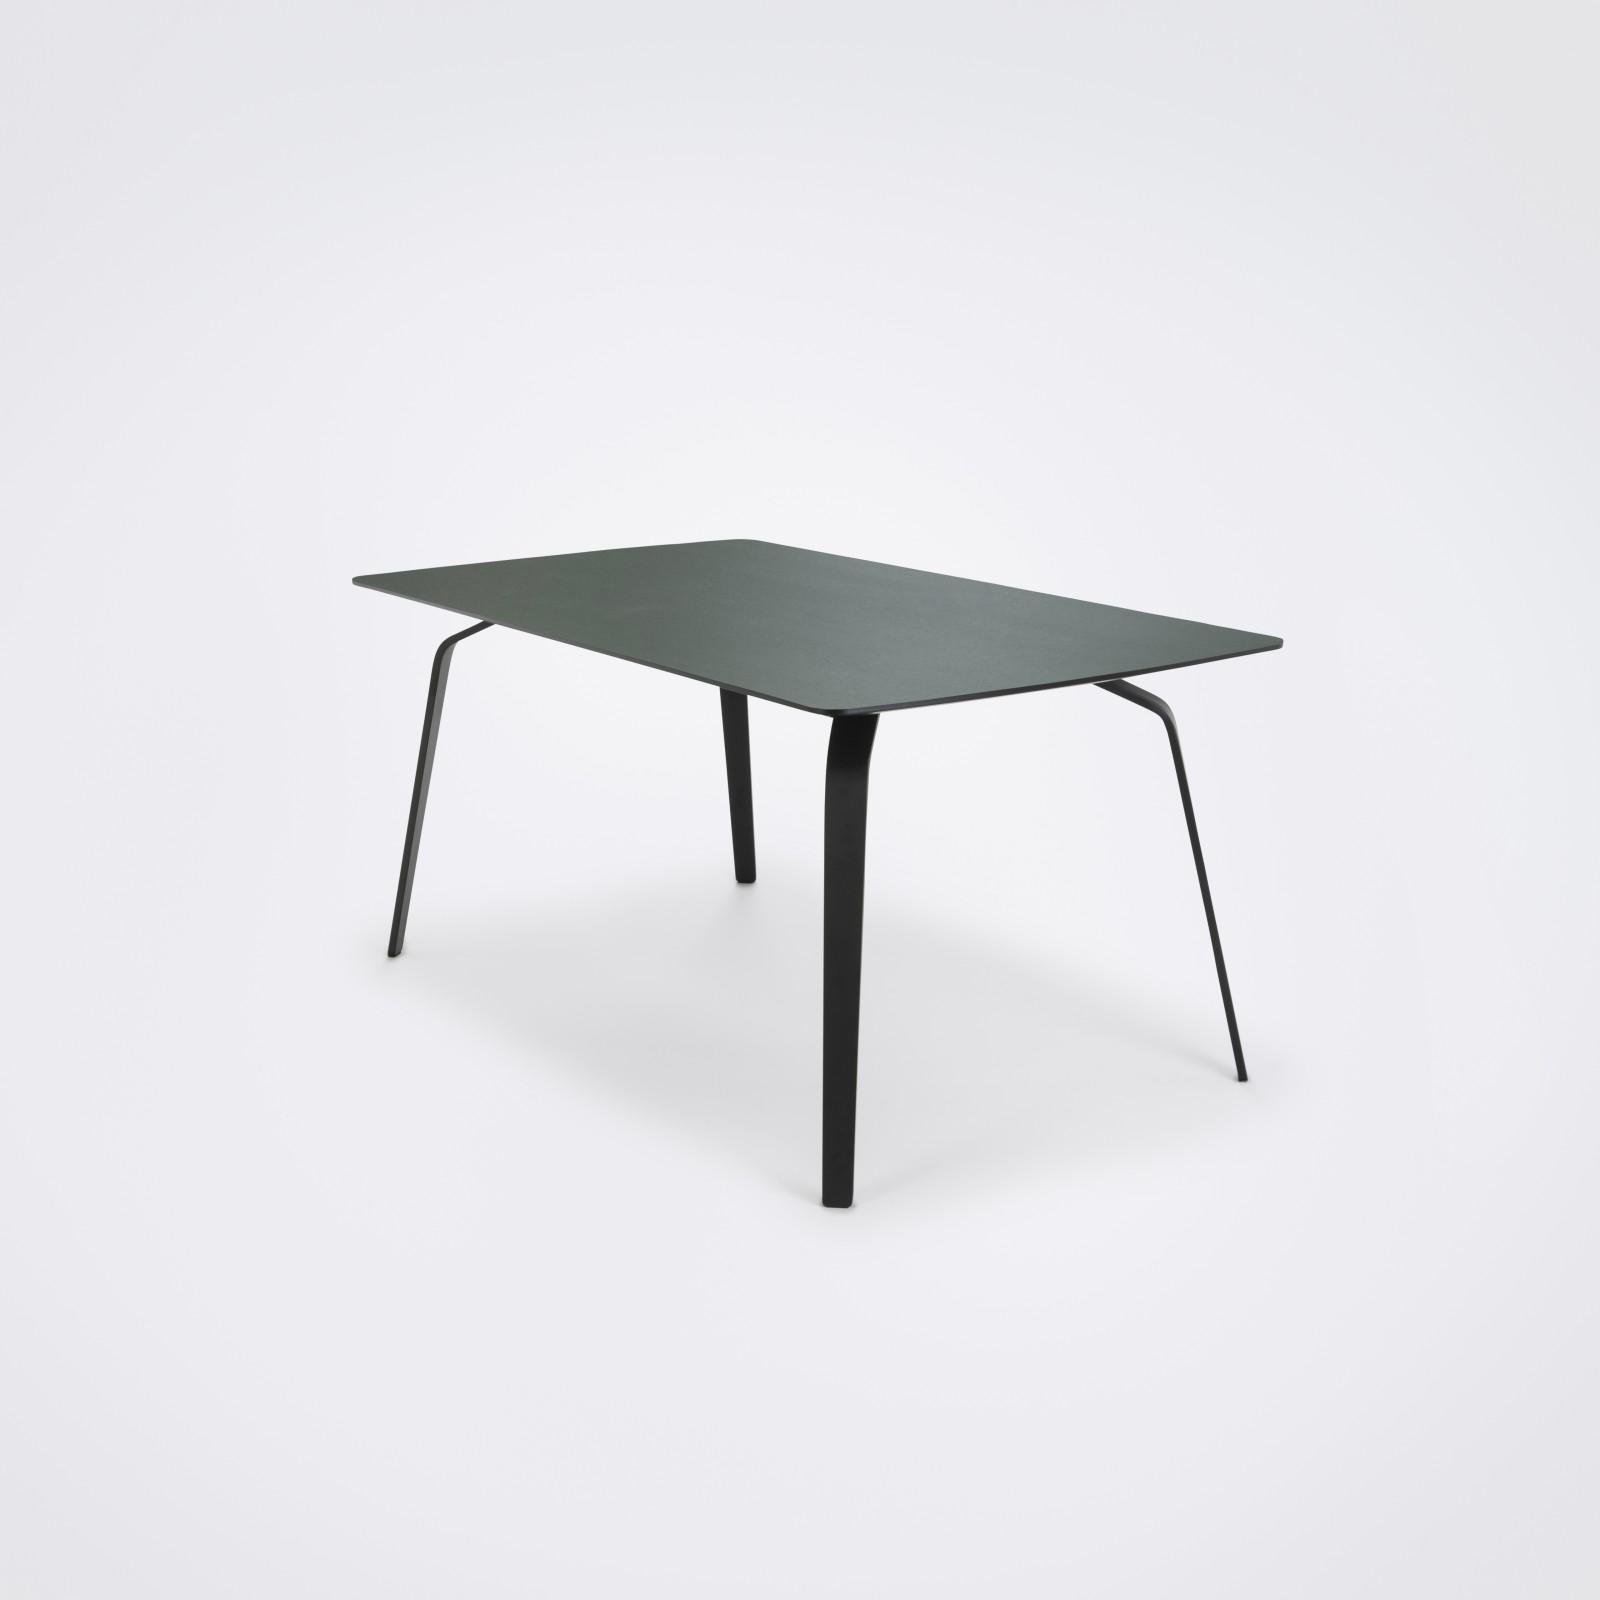 Float Dining Table Dark Green Linoleum, 205cm